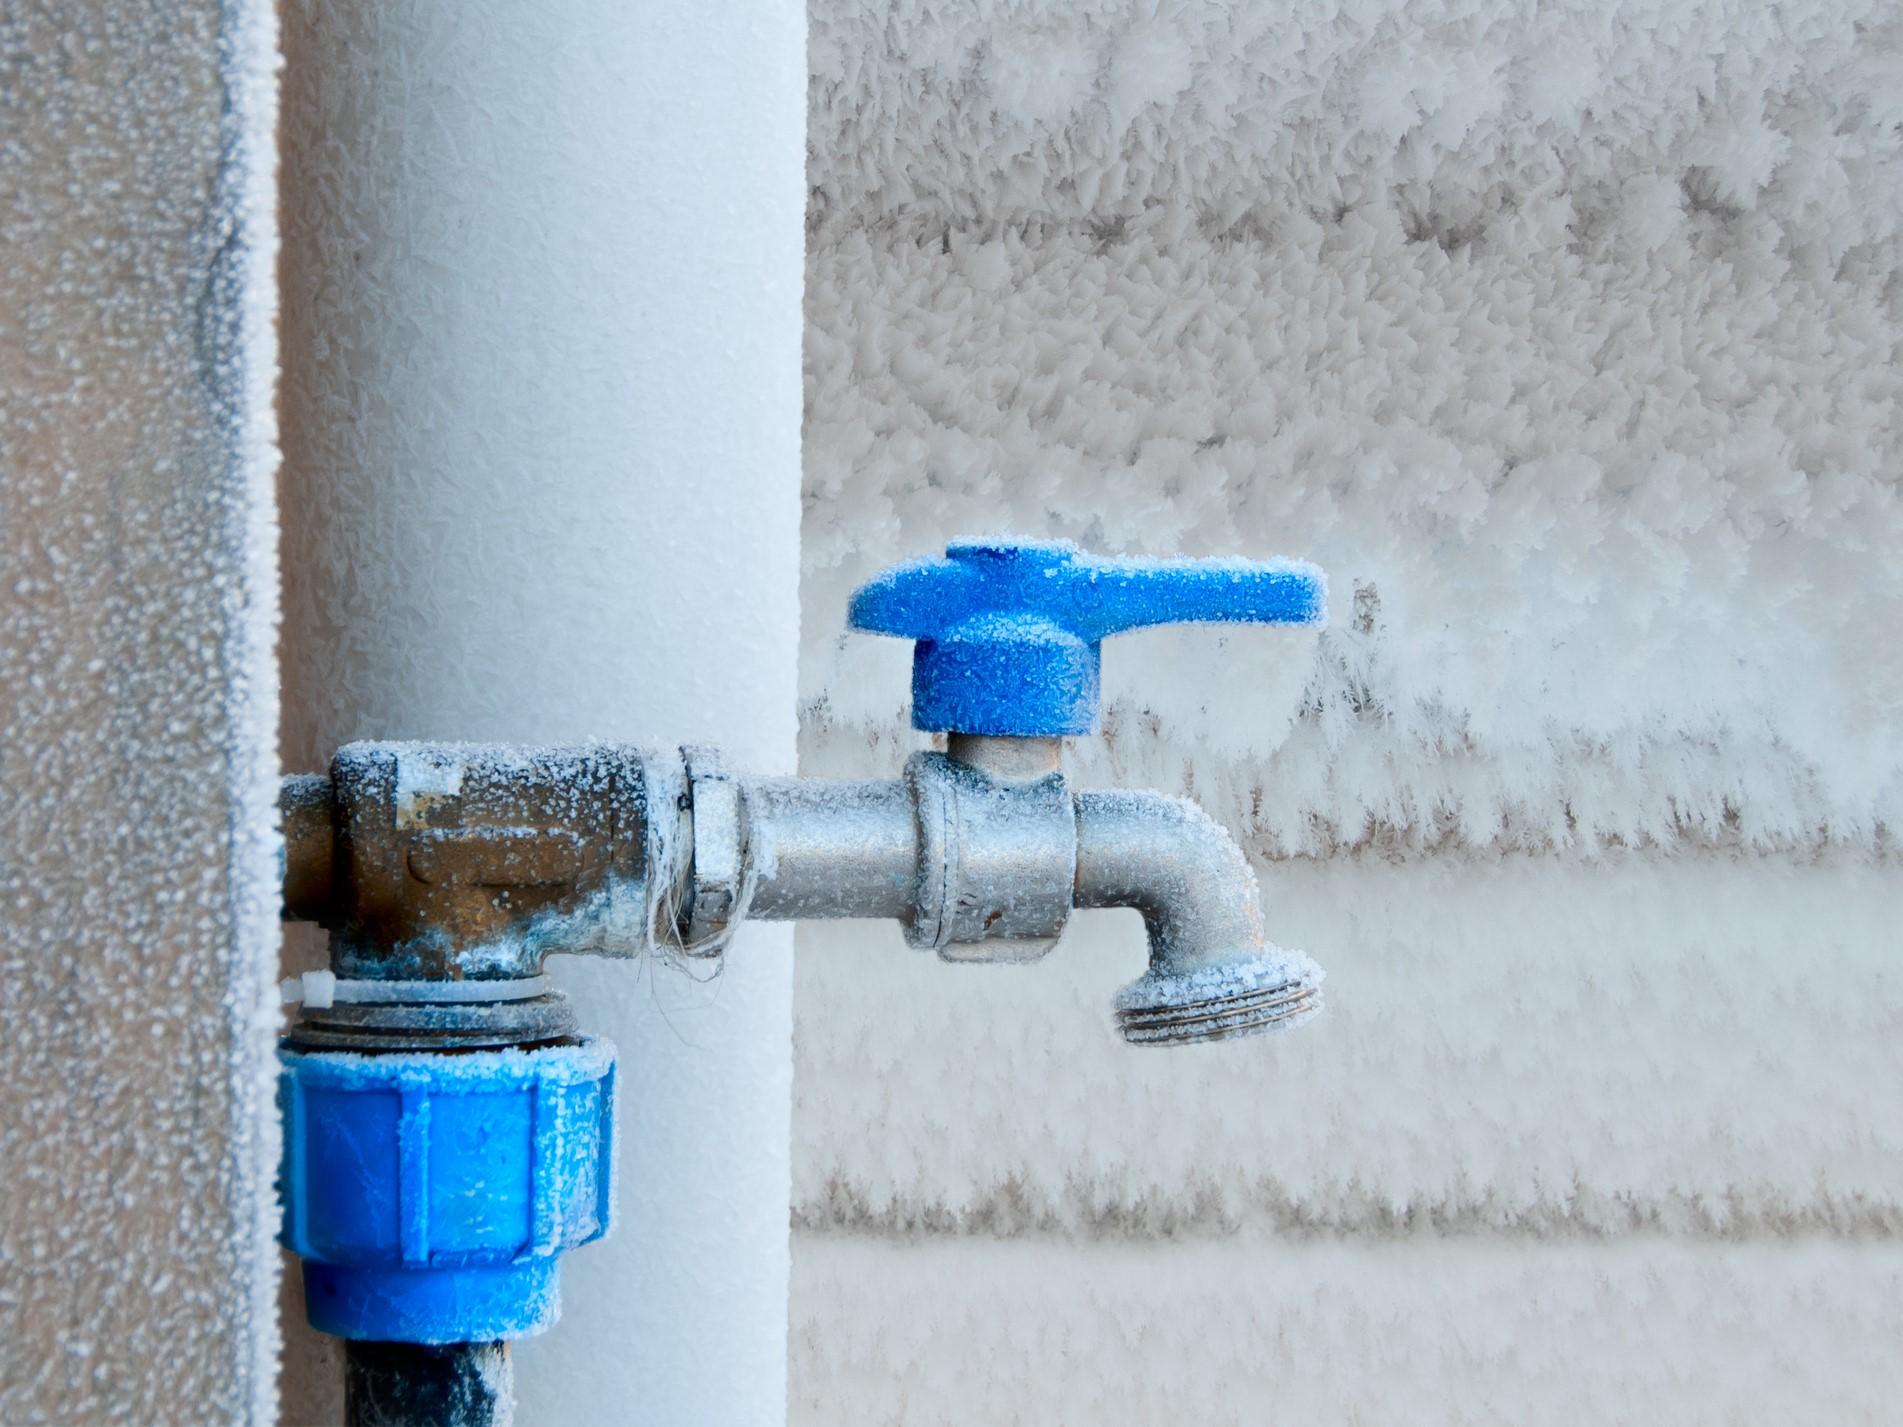 水道が凍結したらどうしたらいい?対策と予防のポイントをおさえておこう!:イメージ